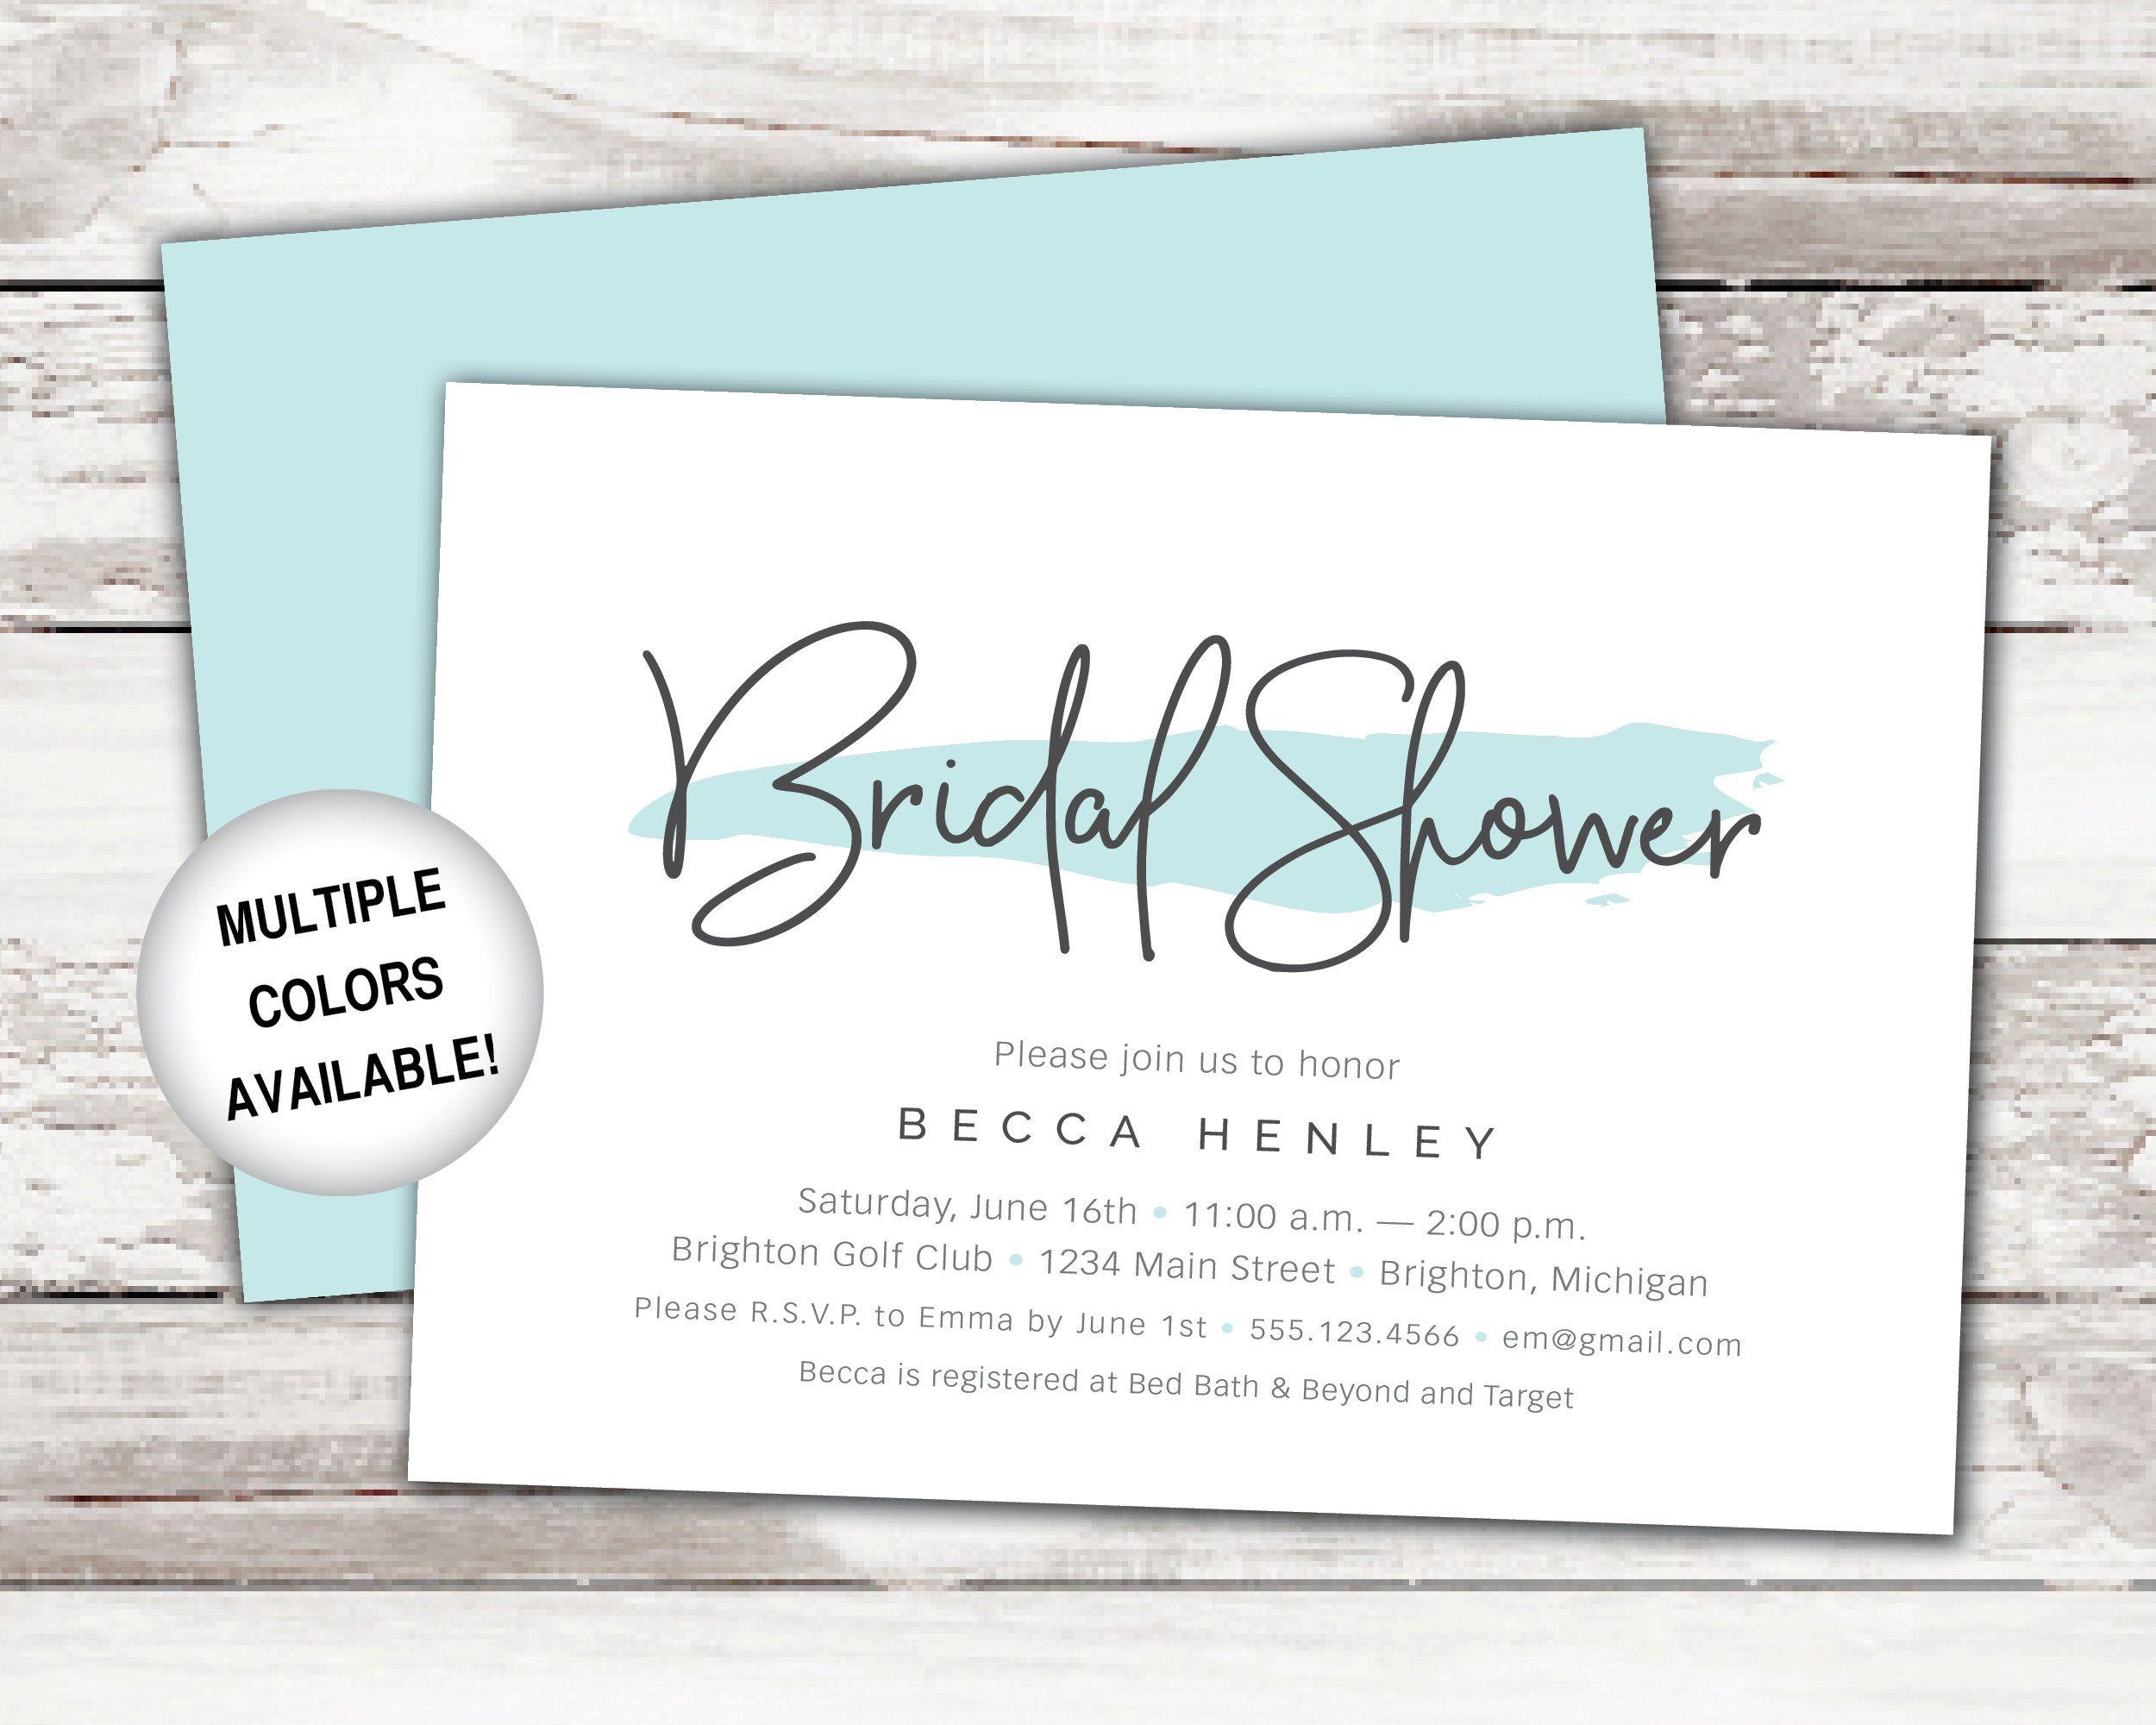 Teal Bridal Shower Invitation Wedding Shower Invitation Etsy Bridal Shower Invitations Templates Pink Bridal Shower Invitations Bridal Shower Invitations